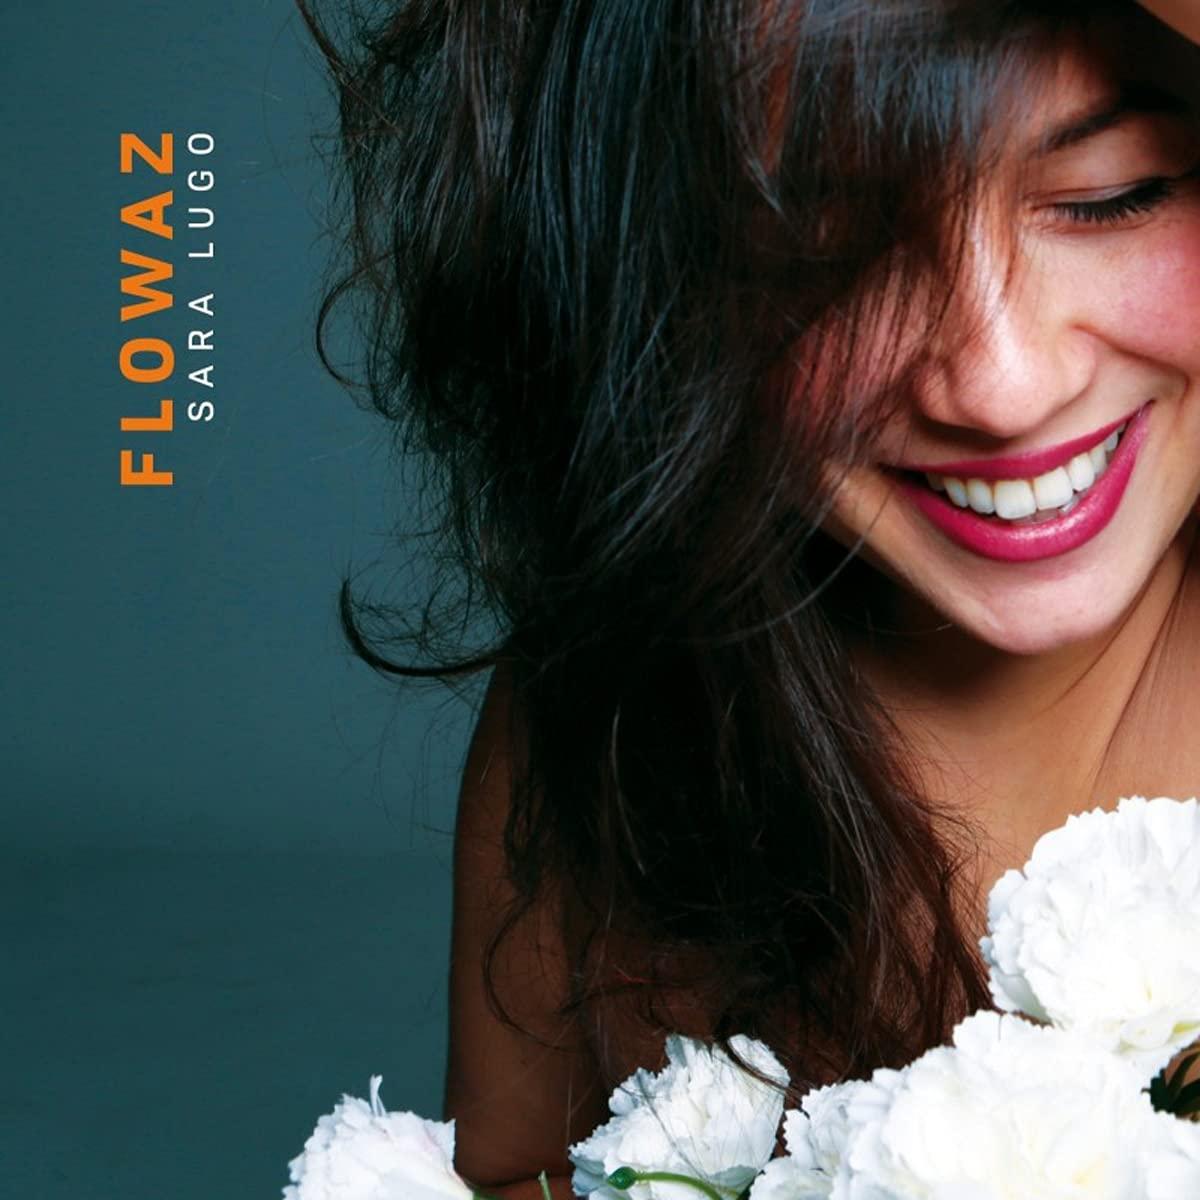 Sara Lugo - Flowaz (2021) [FLAC] Download